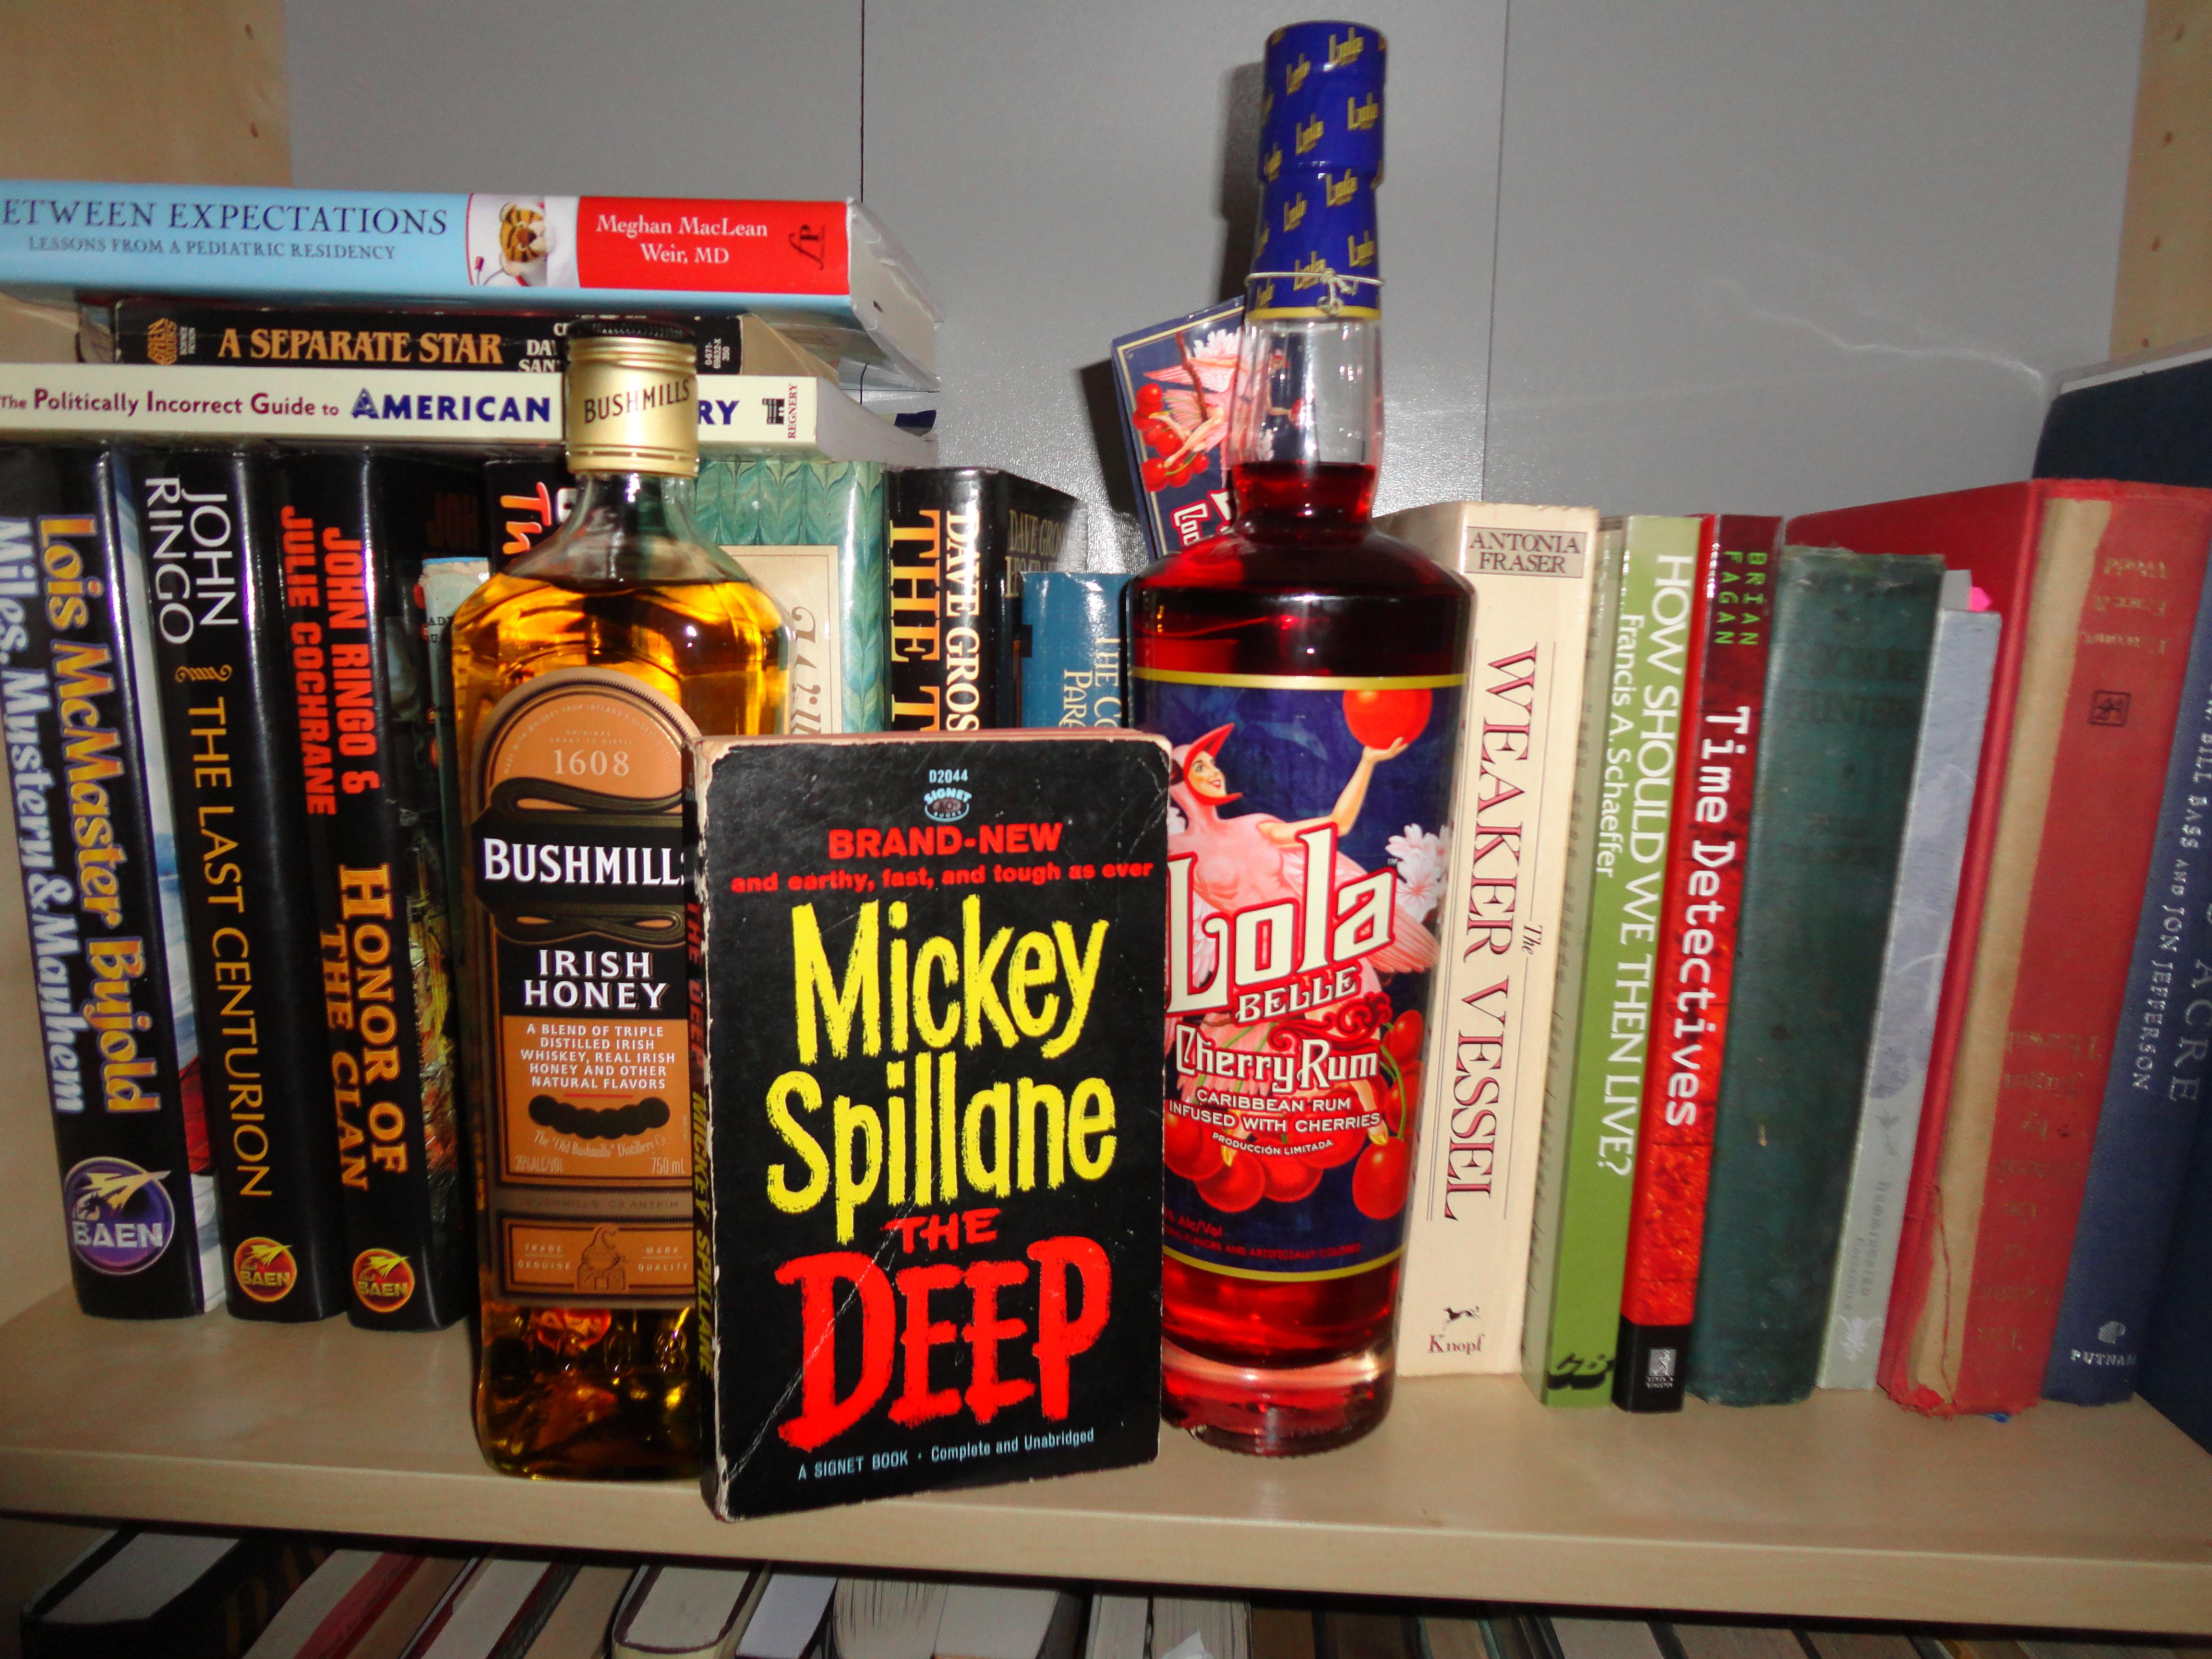 Cedar's Bookshelf